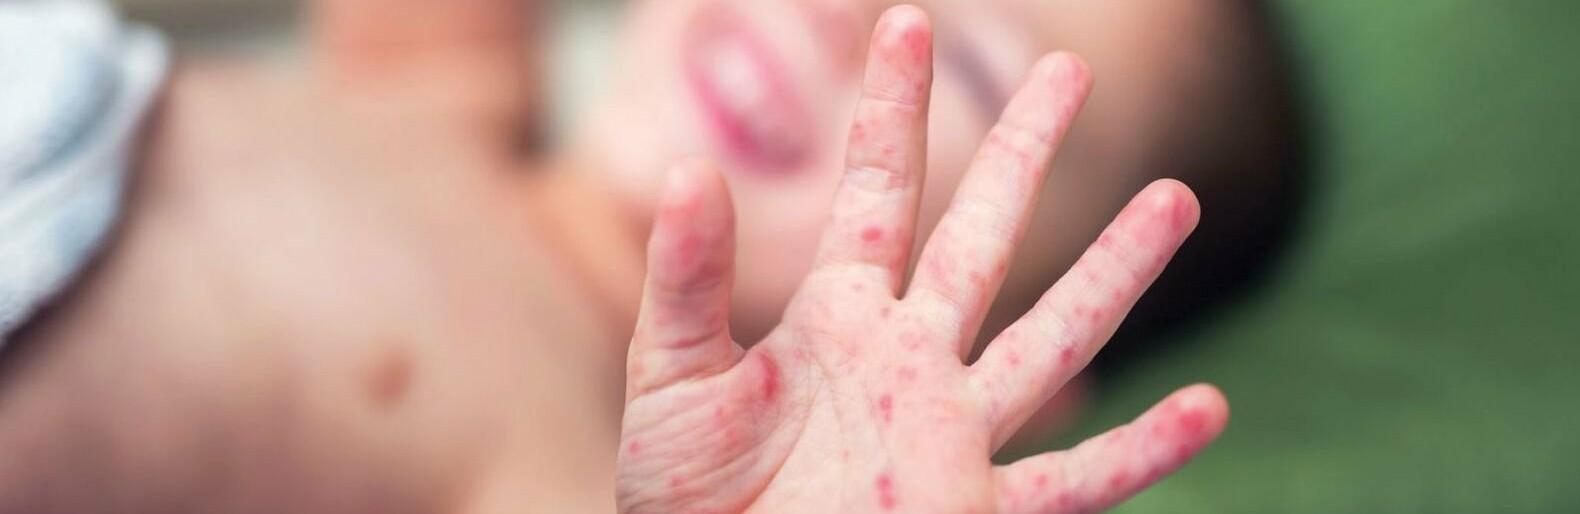 Более 5 тысяч случаев заражения корью, медики настаивают на вакцинации